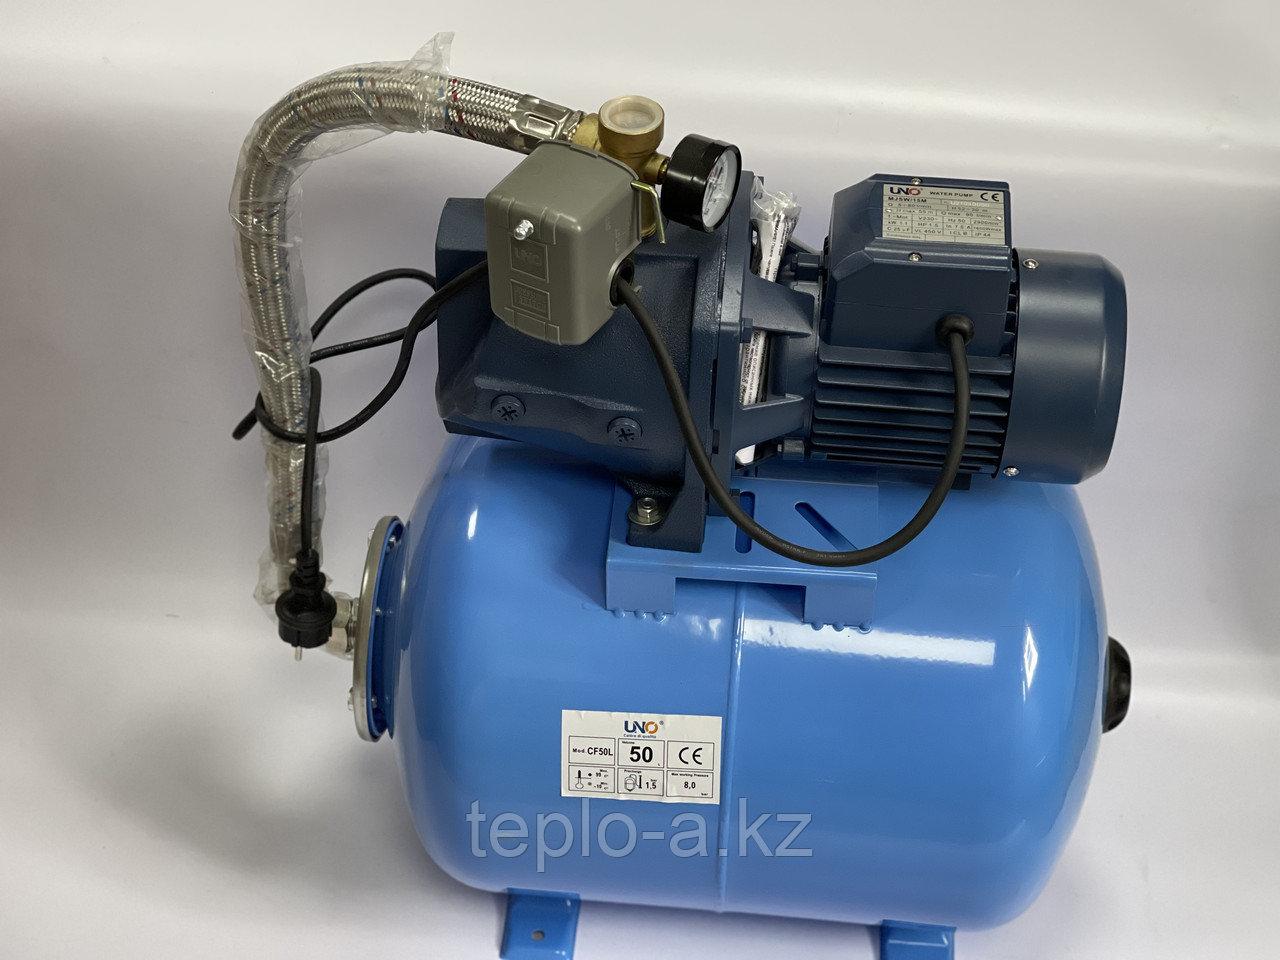 Автоматическая станция водоснабжения UNO MJSW 15-50